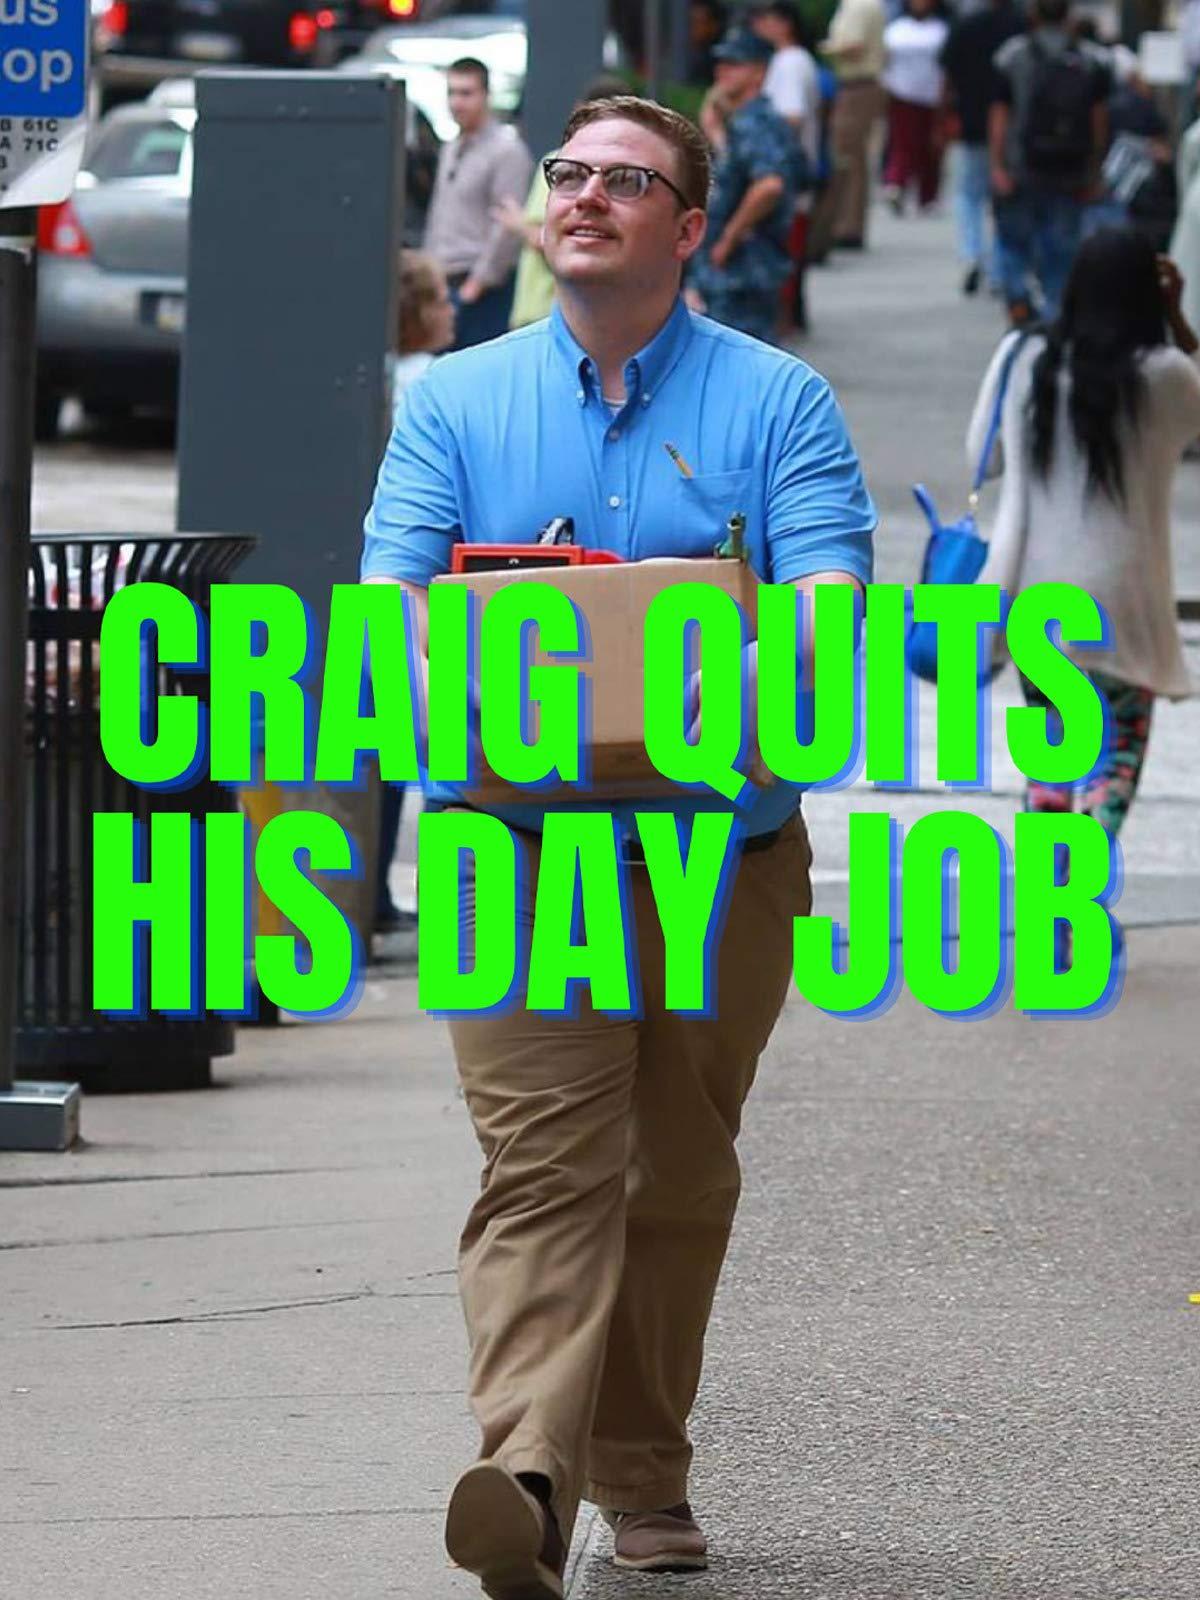 Craig Quits His Day Job